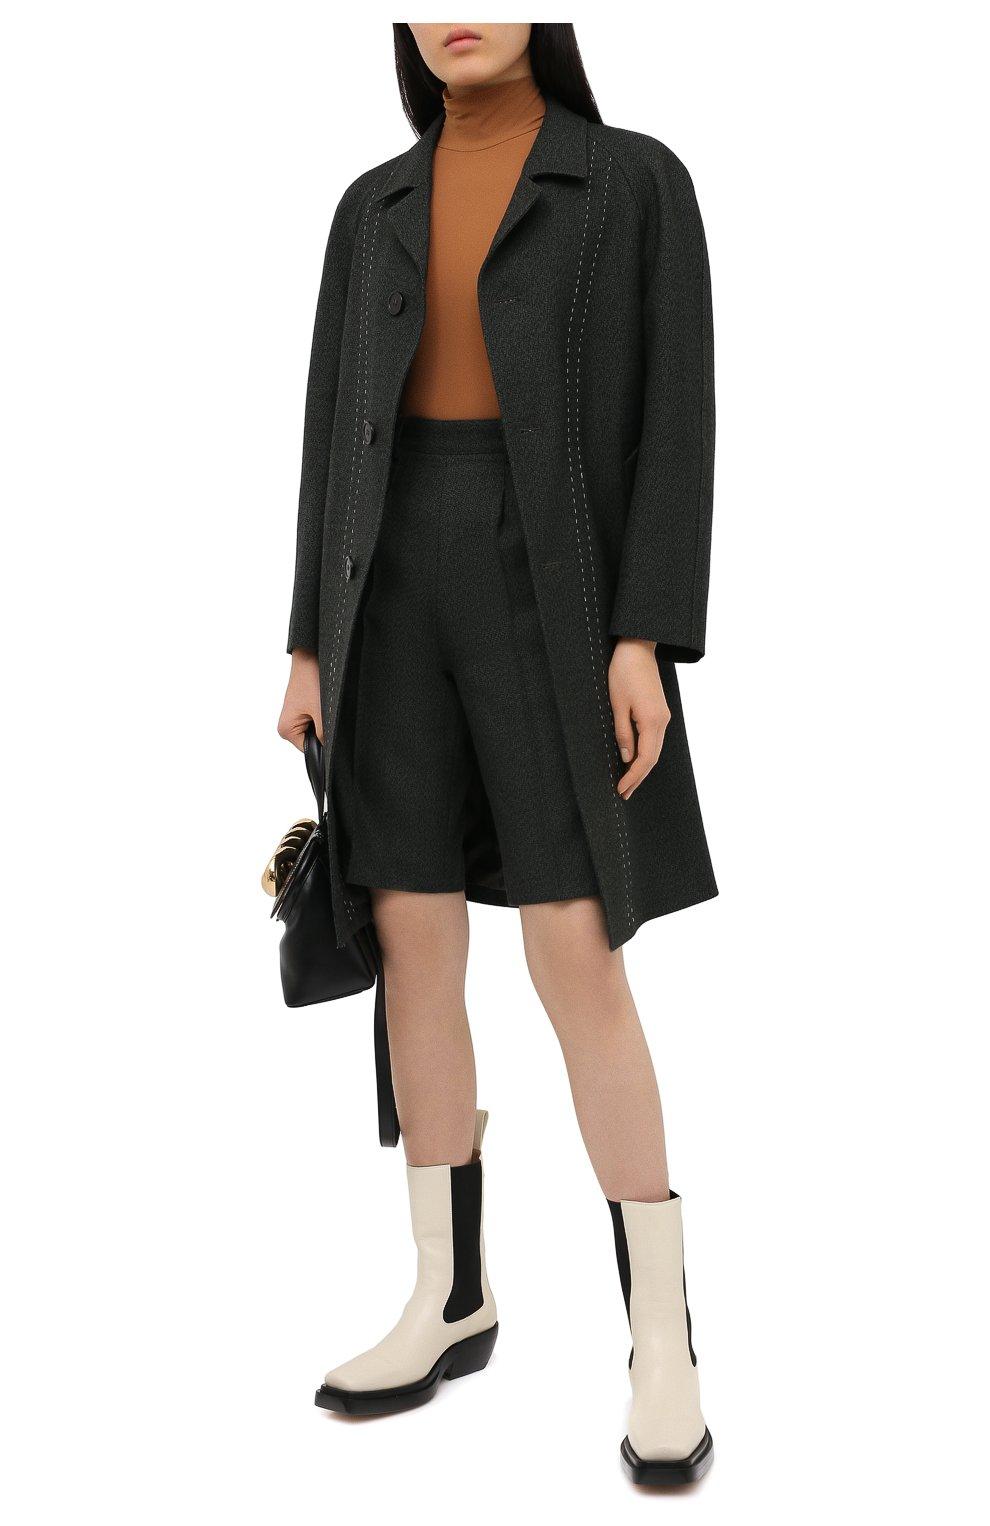 Женские шерстяные шорты MAISON MARGIELA темно-зеленого цвета, арт. S29MU0068/S53407 | Фото 2 (Женское Кросс-КТ: Шорты-одежда; Материал внешний: Шерсть; Длина Ж (юбки, платья, шорты): Мини; Кросс-КТ: Широкие; Стили: Кэжуэл)